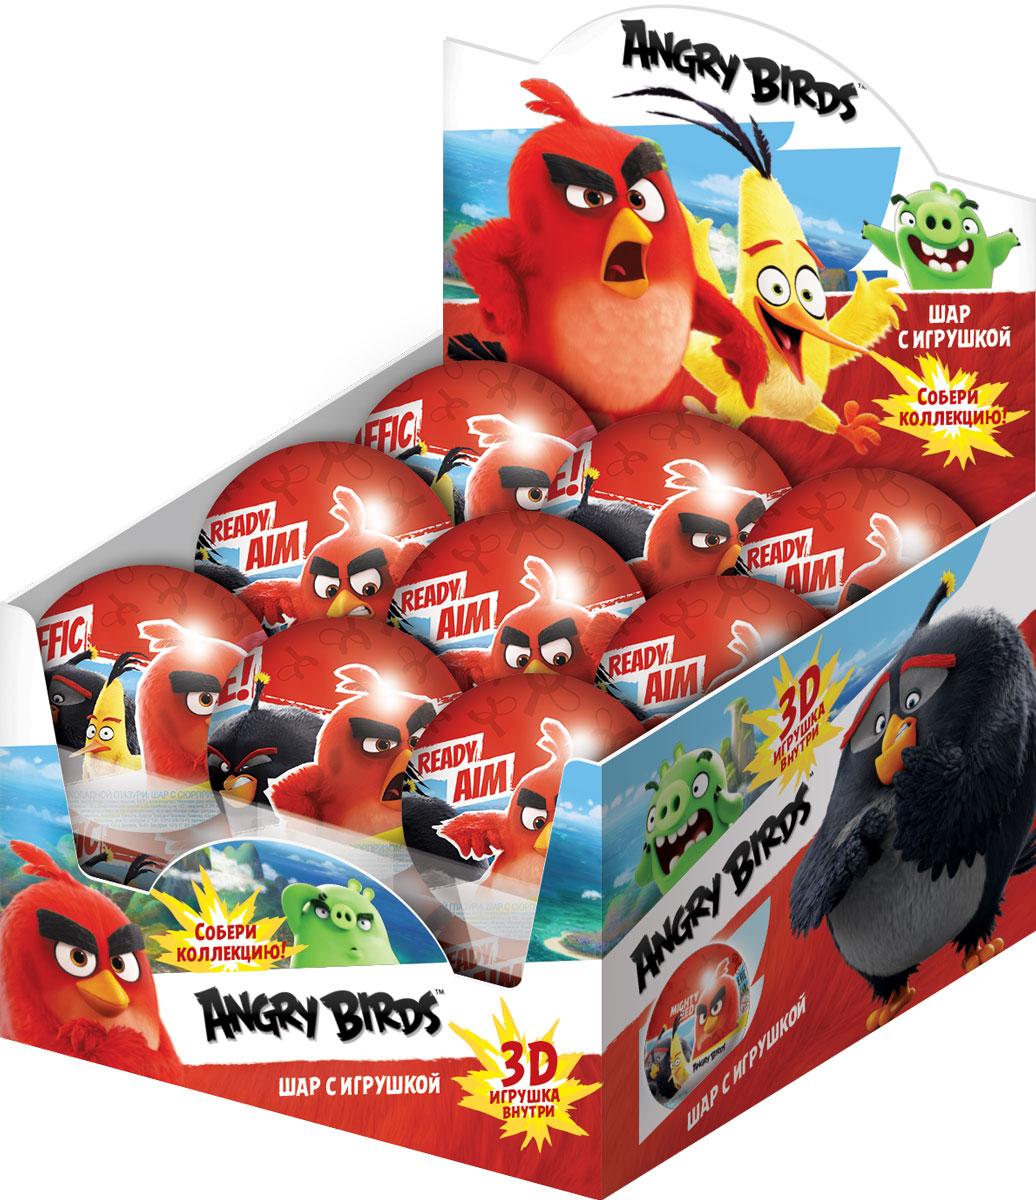 Angry Birds Movie шоколадный шар с сюрпризом, 18 шт по 25 гУТ20470Шар из молочной шоколадной глазури с игрушкой.